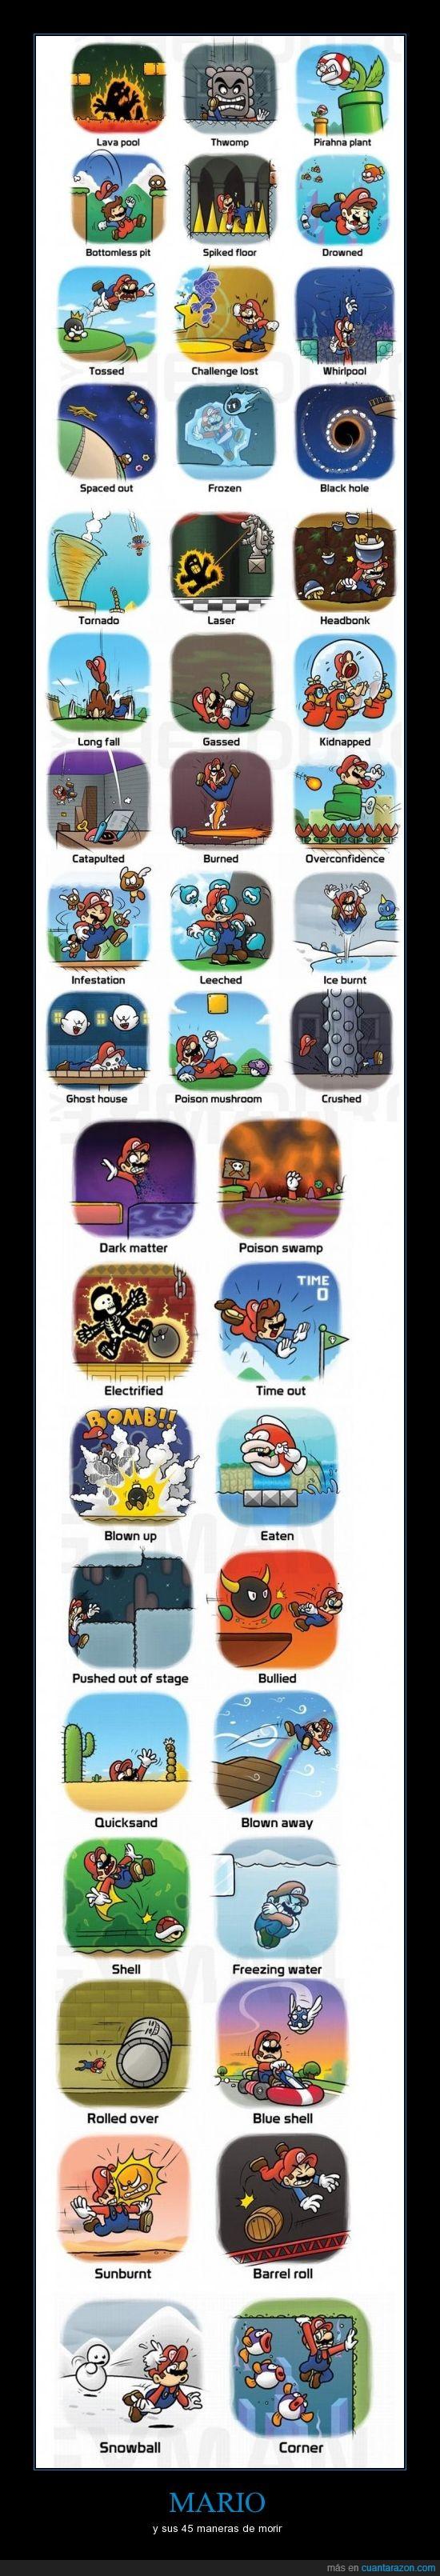 games,juegos,mario,muerte,nintendo,video